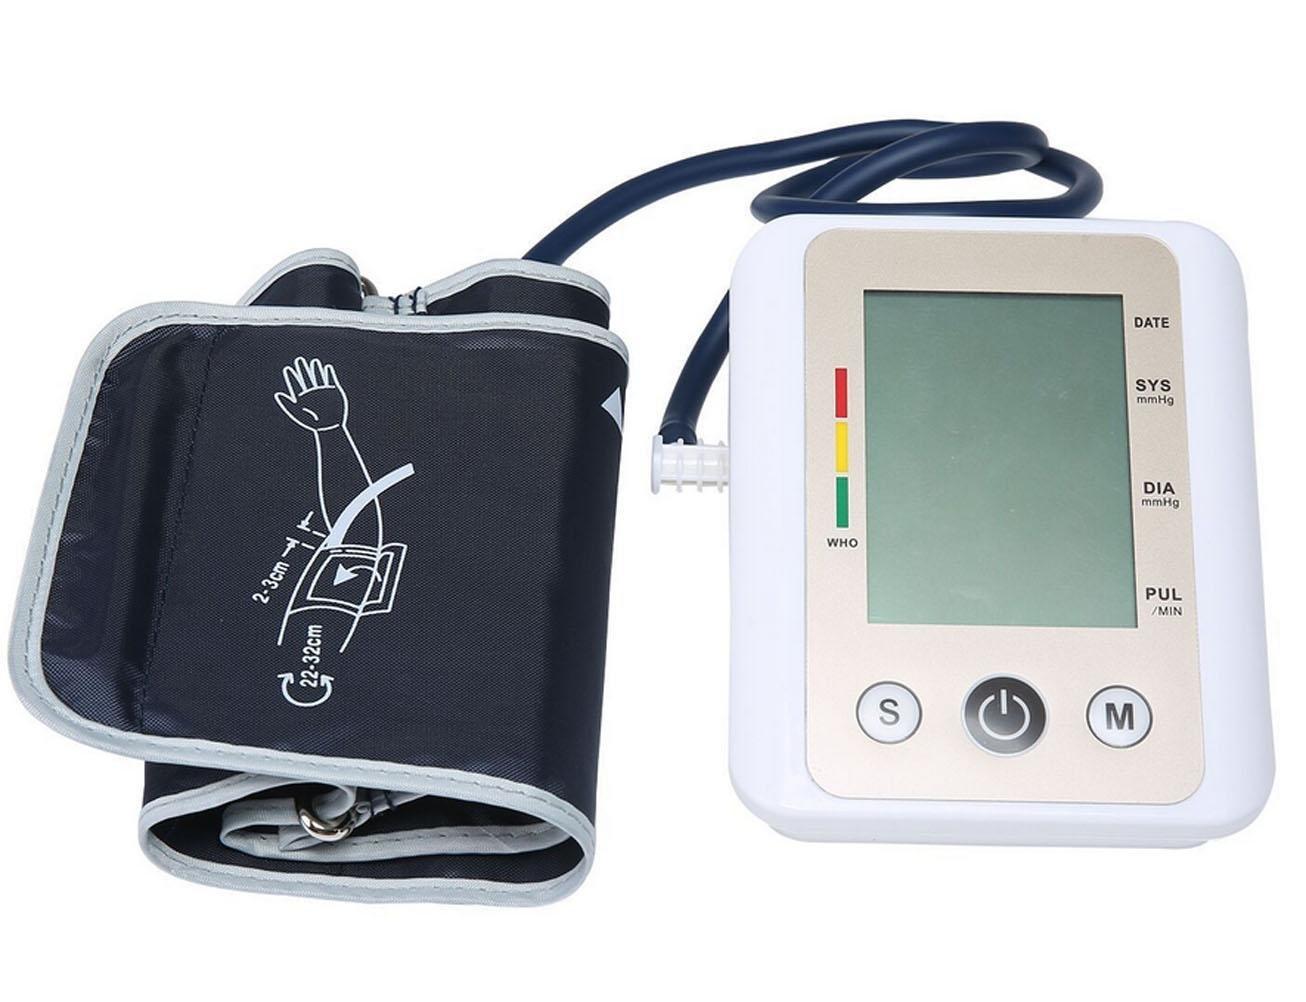 HRRH automático presión Arterial Arm Inteligente Tensiómetro Voz Pantalla Grande Salud Monitor Portable Medicina BGE Pulse Tensiómetro Antiguas Familia de ...